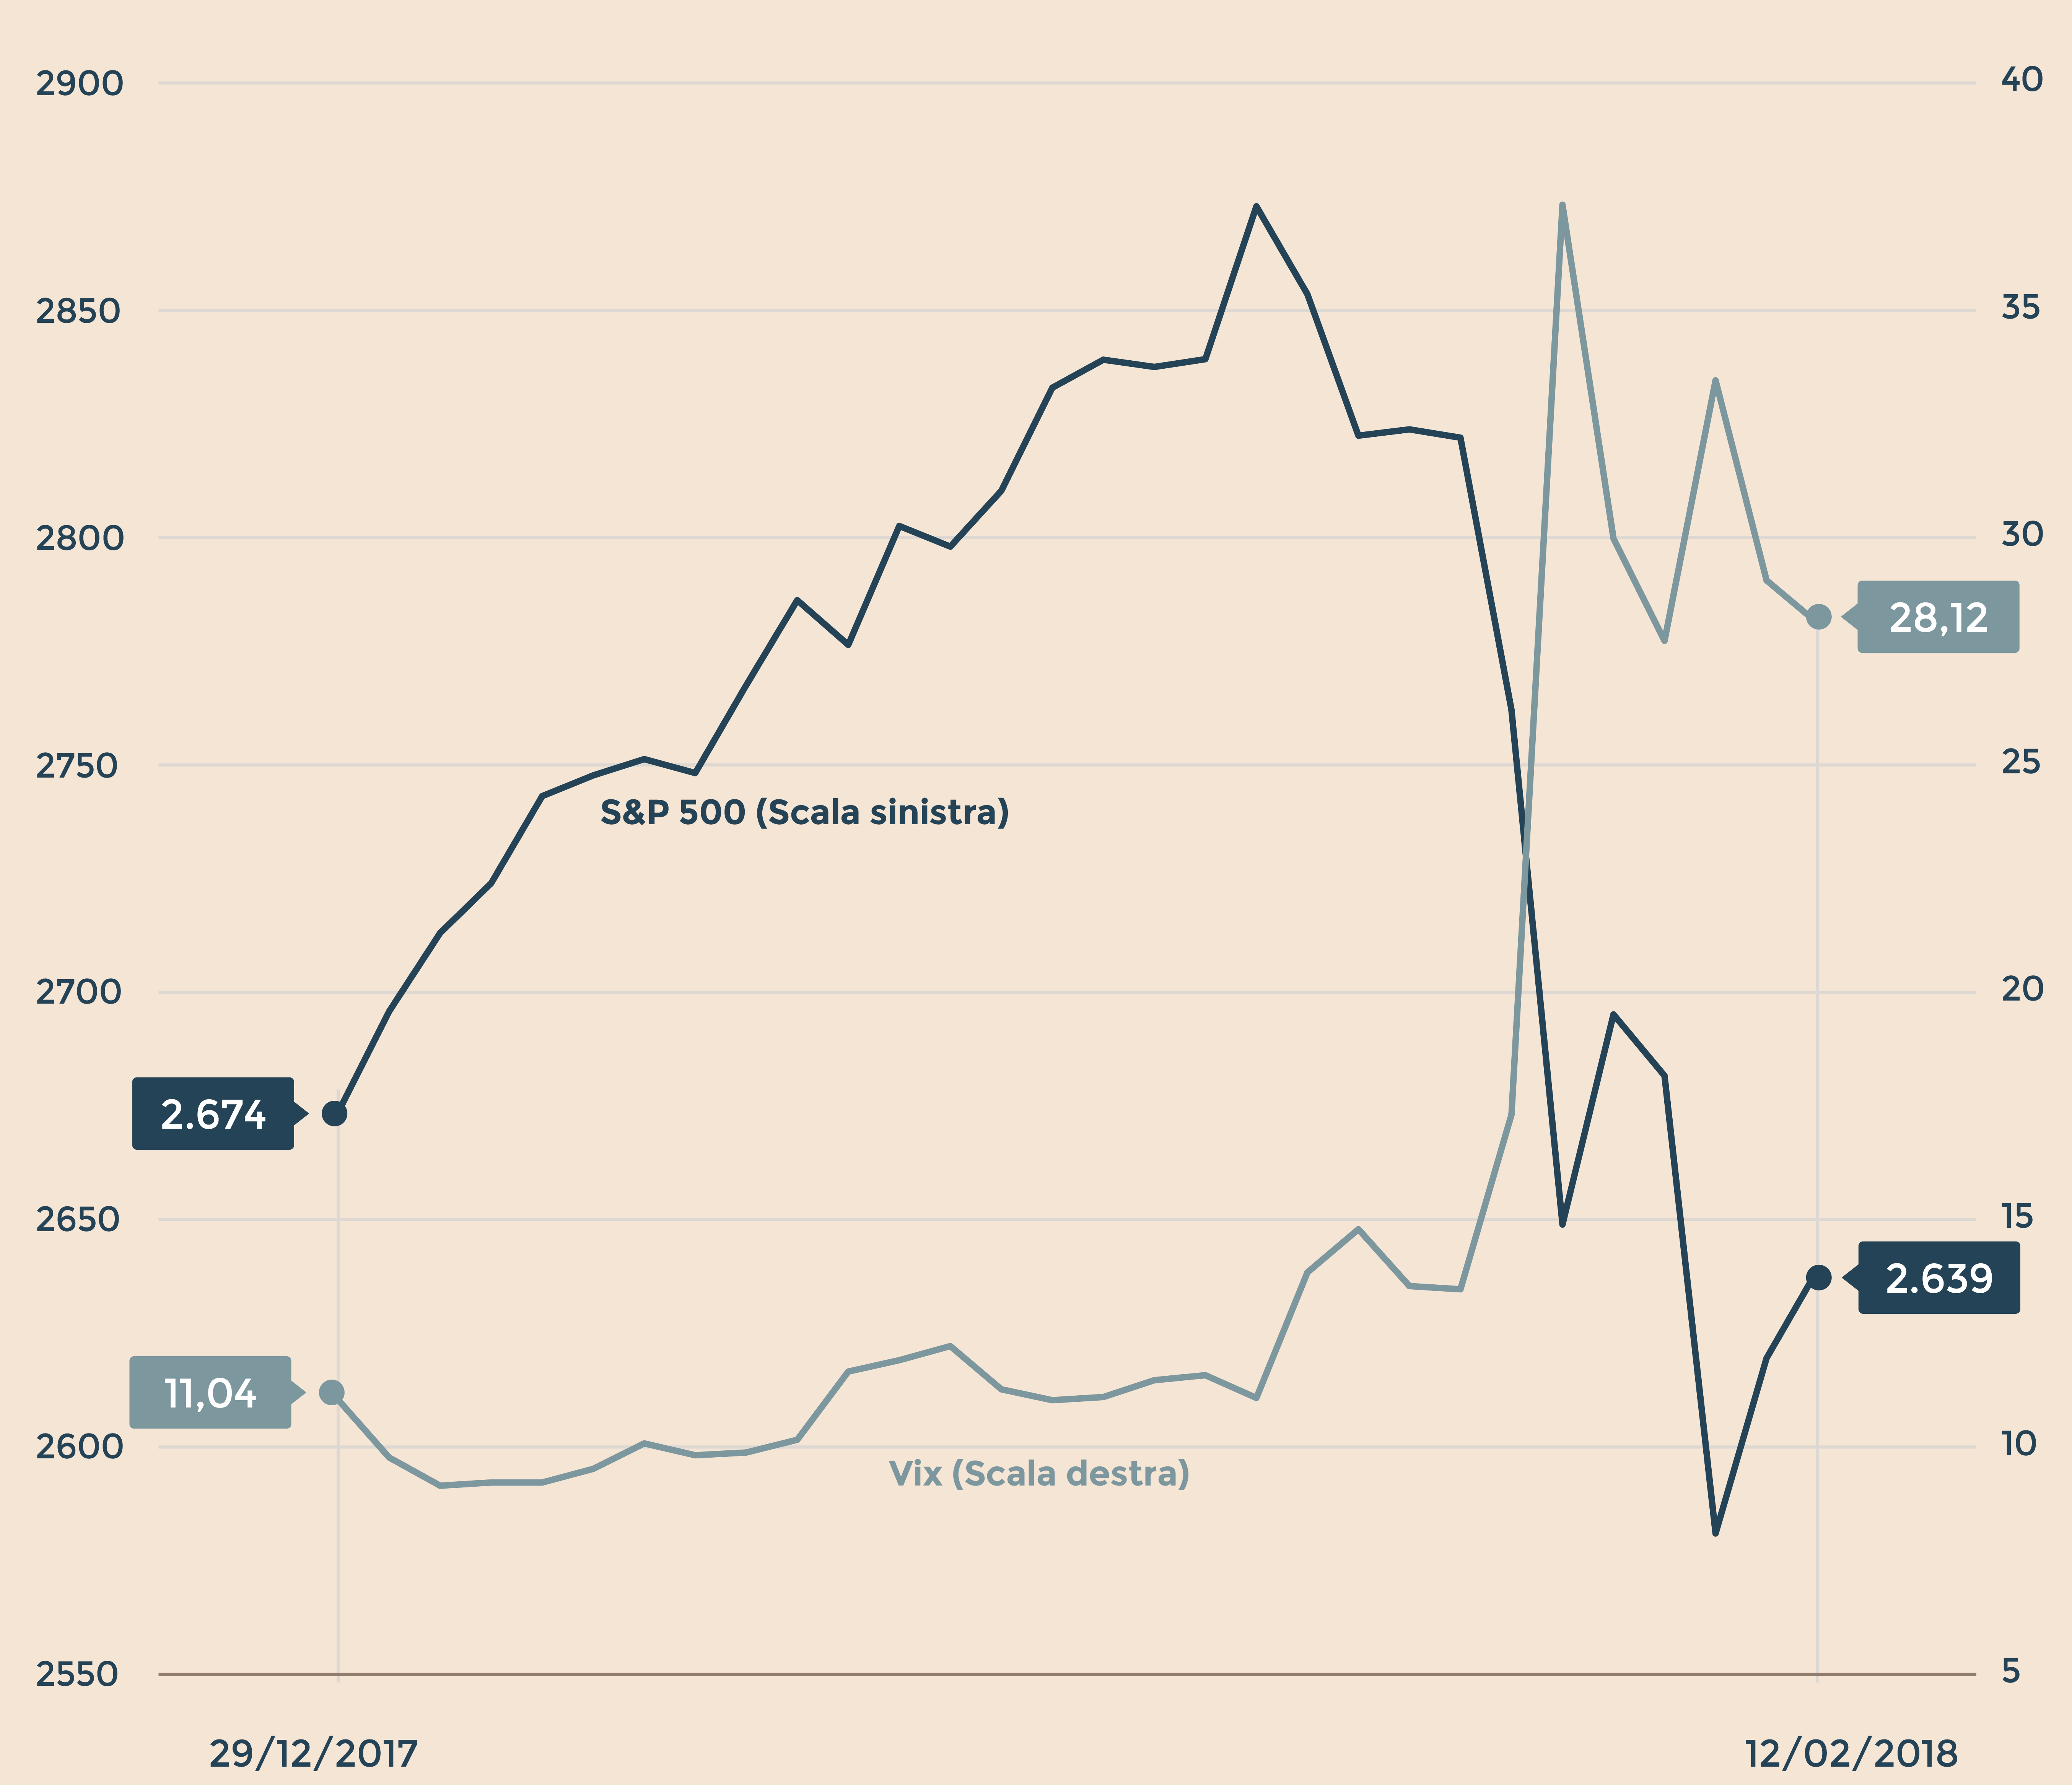 8123b12092 Andamento dell'indice S&P 500 di Wall Street e dell'indice Vix sulla  volatilità. (Fonte: Reuters)